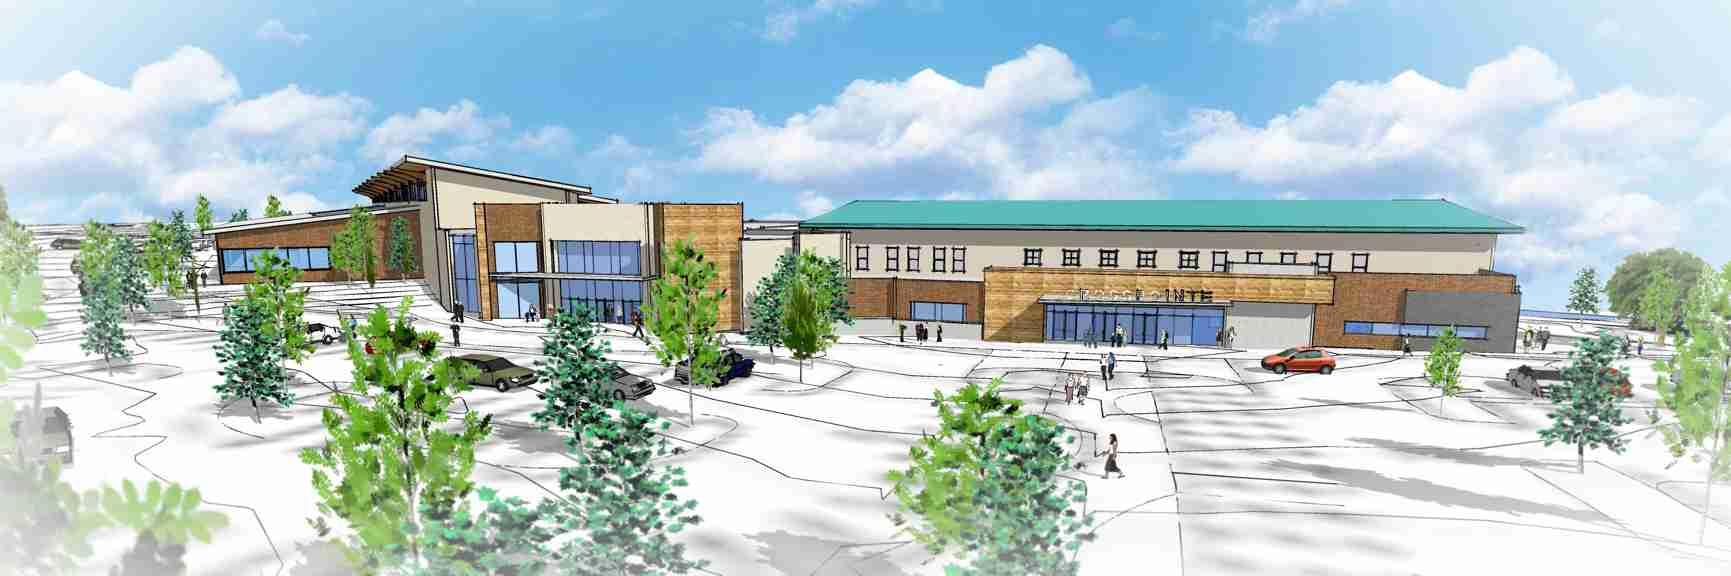 ymca facility